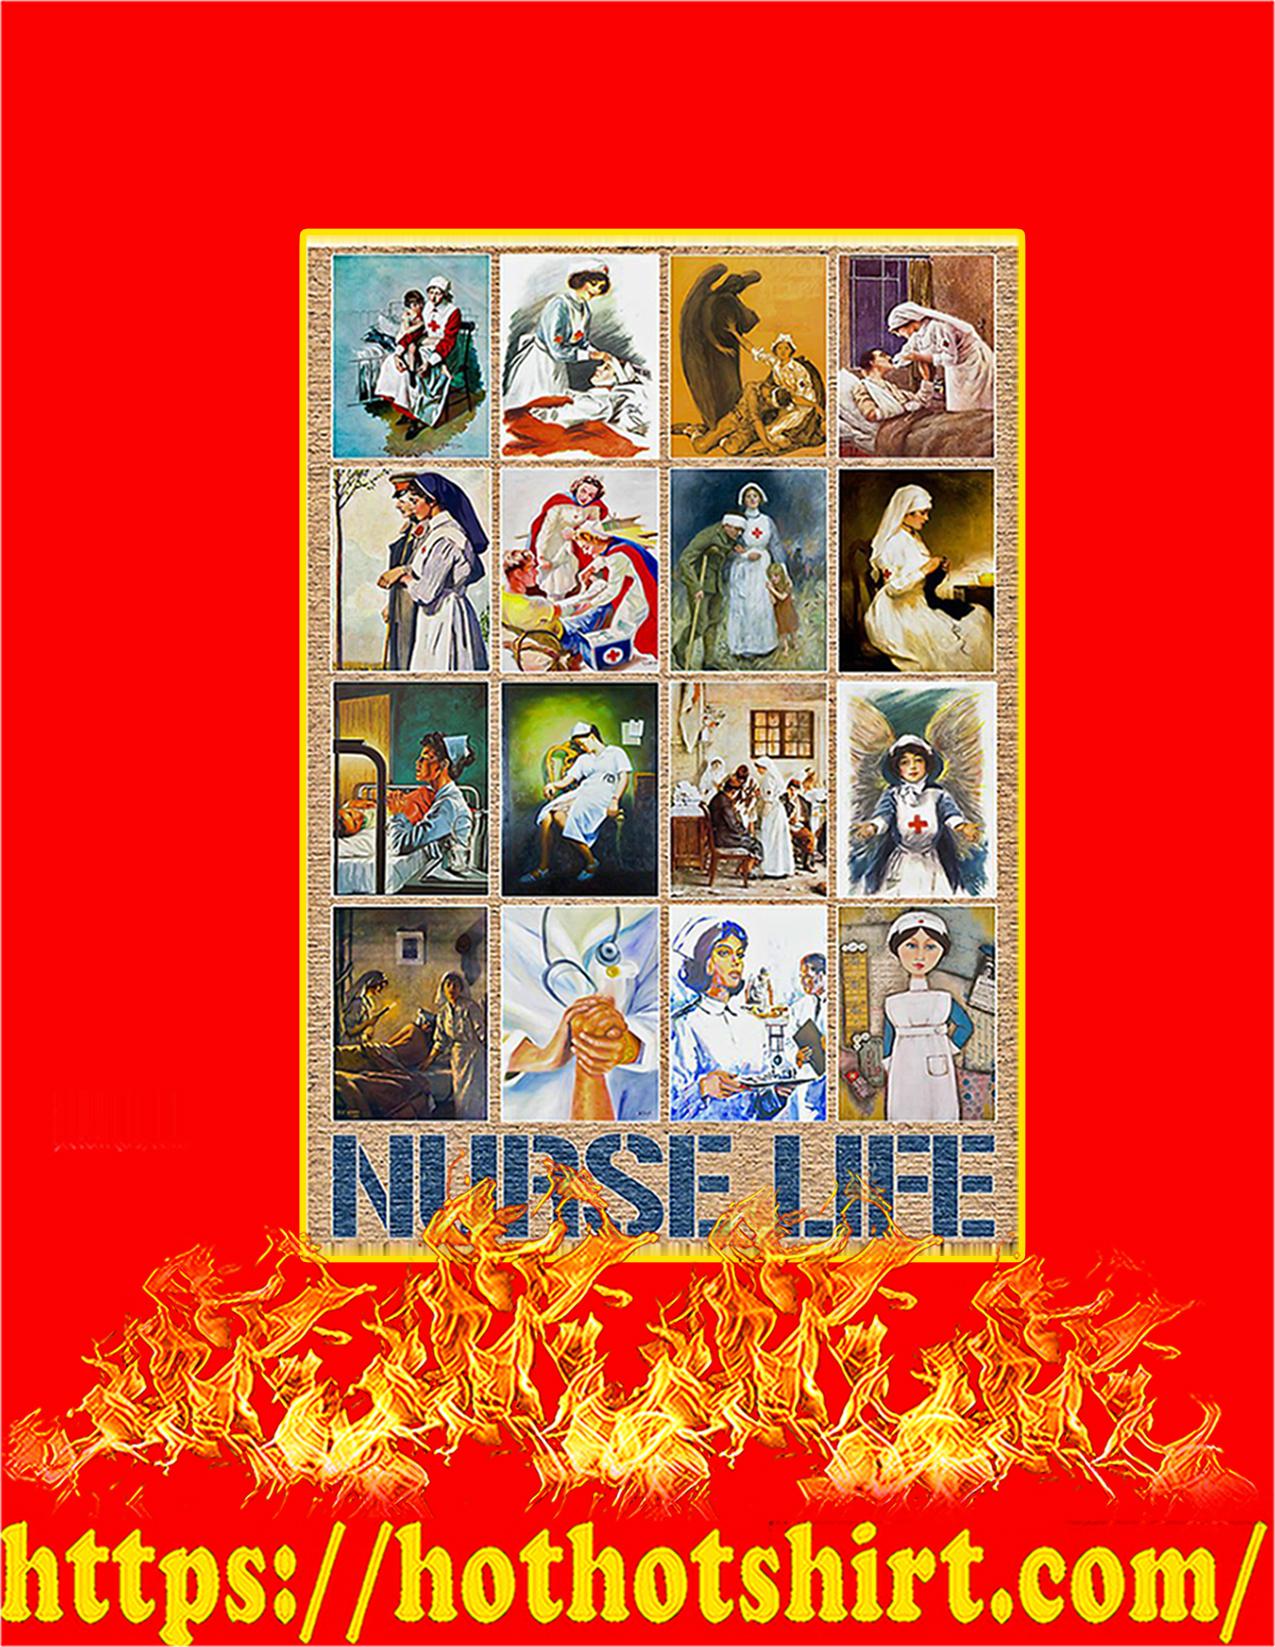 Nurse life poster - A2